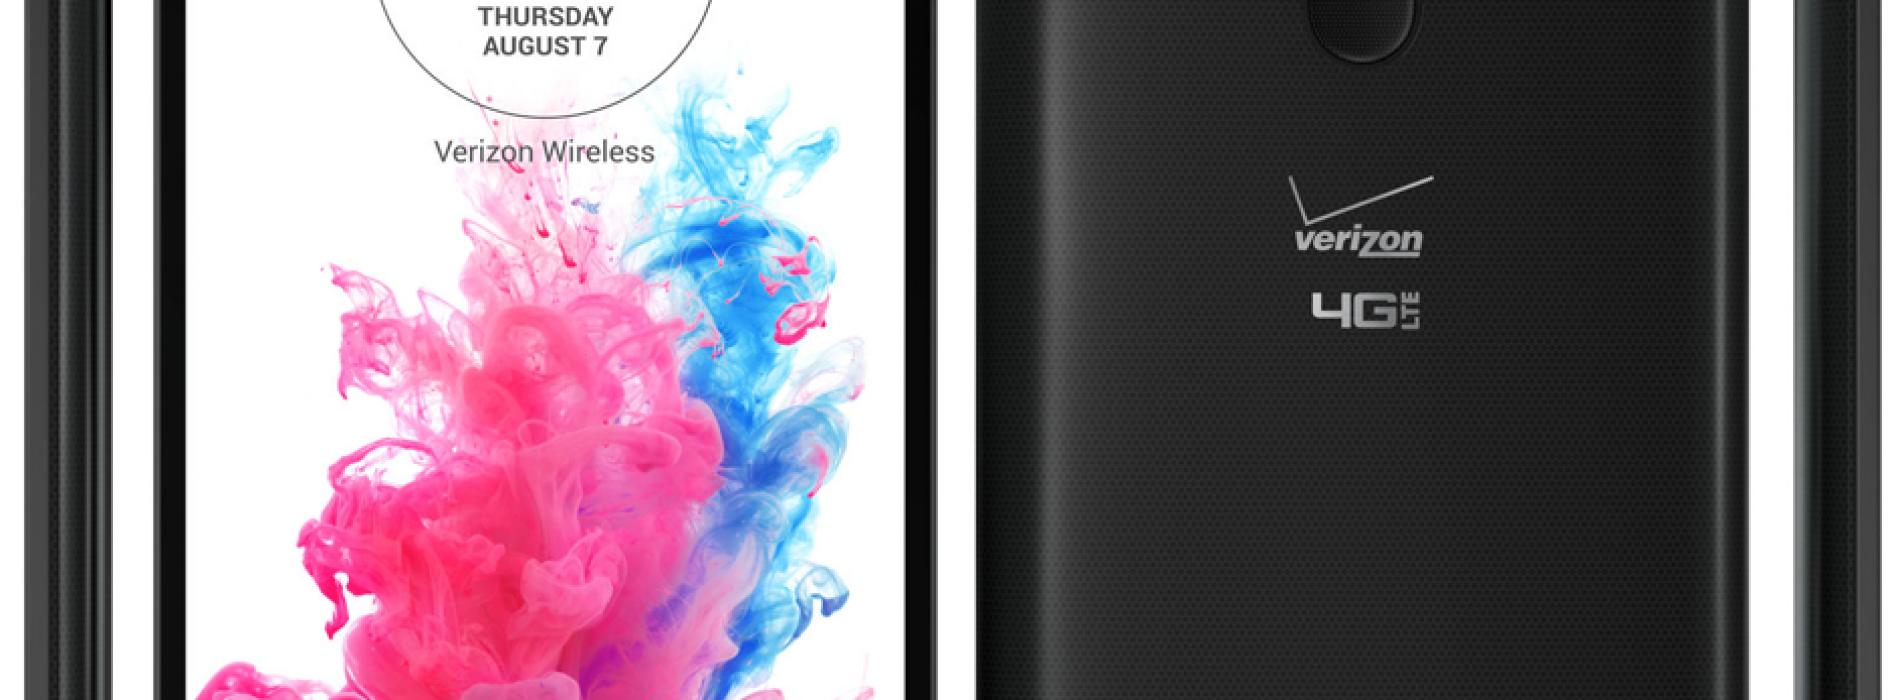 Verizon bound LG G3 Vista leaks